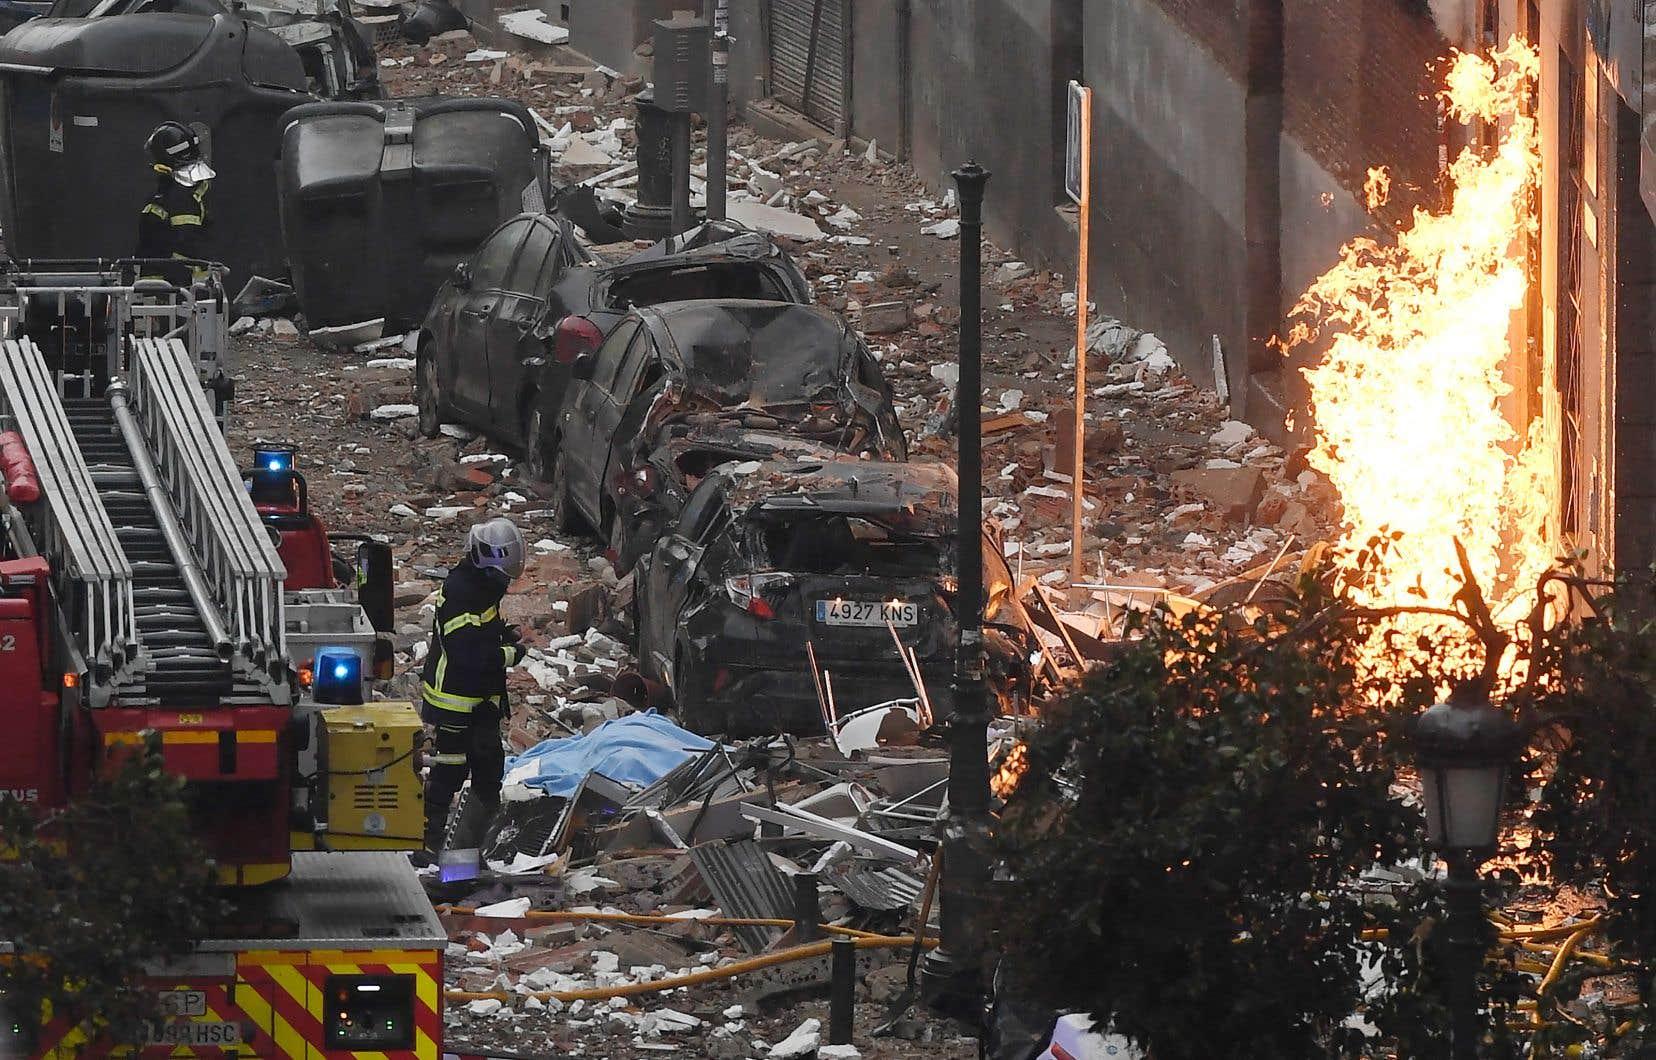 Six étages du bâtiment ont été soufflés et la façade a été complètement éventrée. En début de soirée, des flammes étaient encore visibles au niveau du sous-sol.